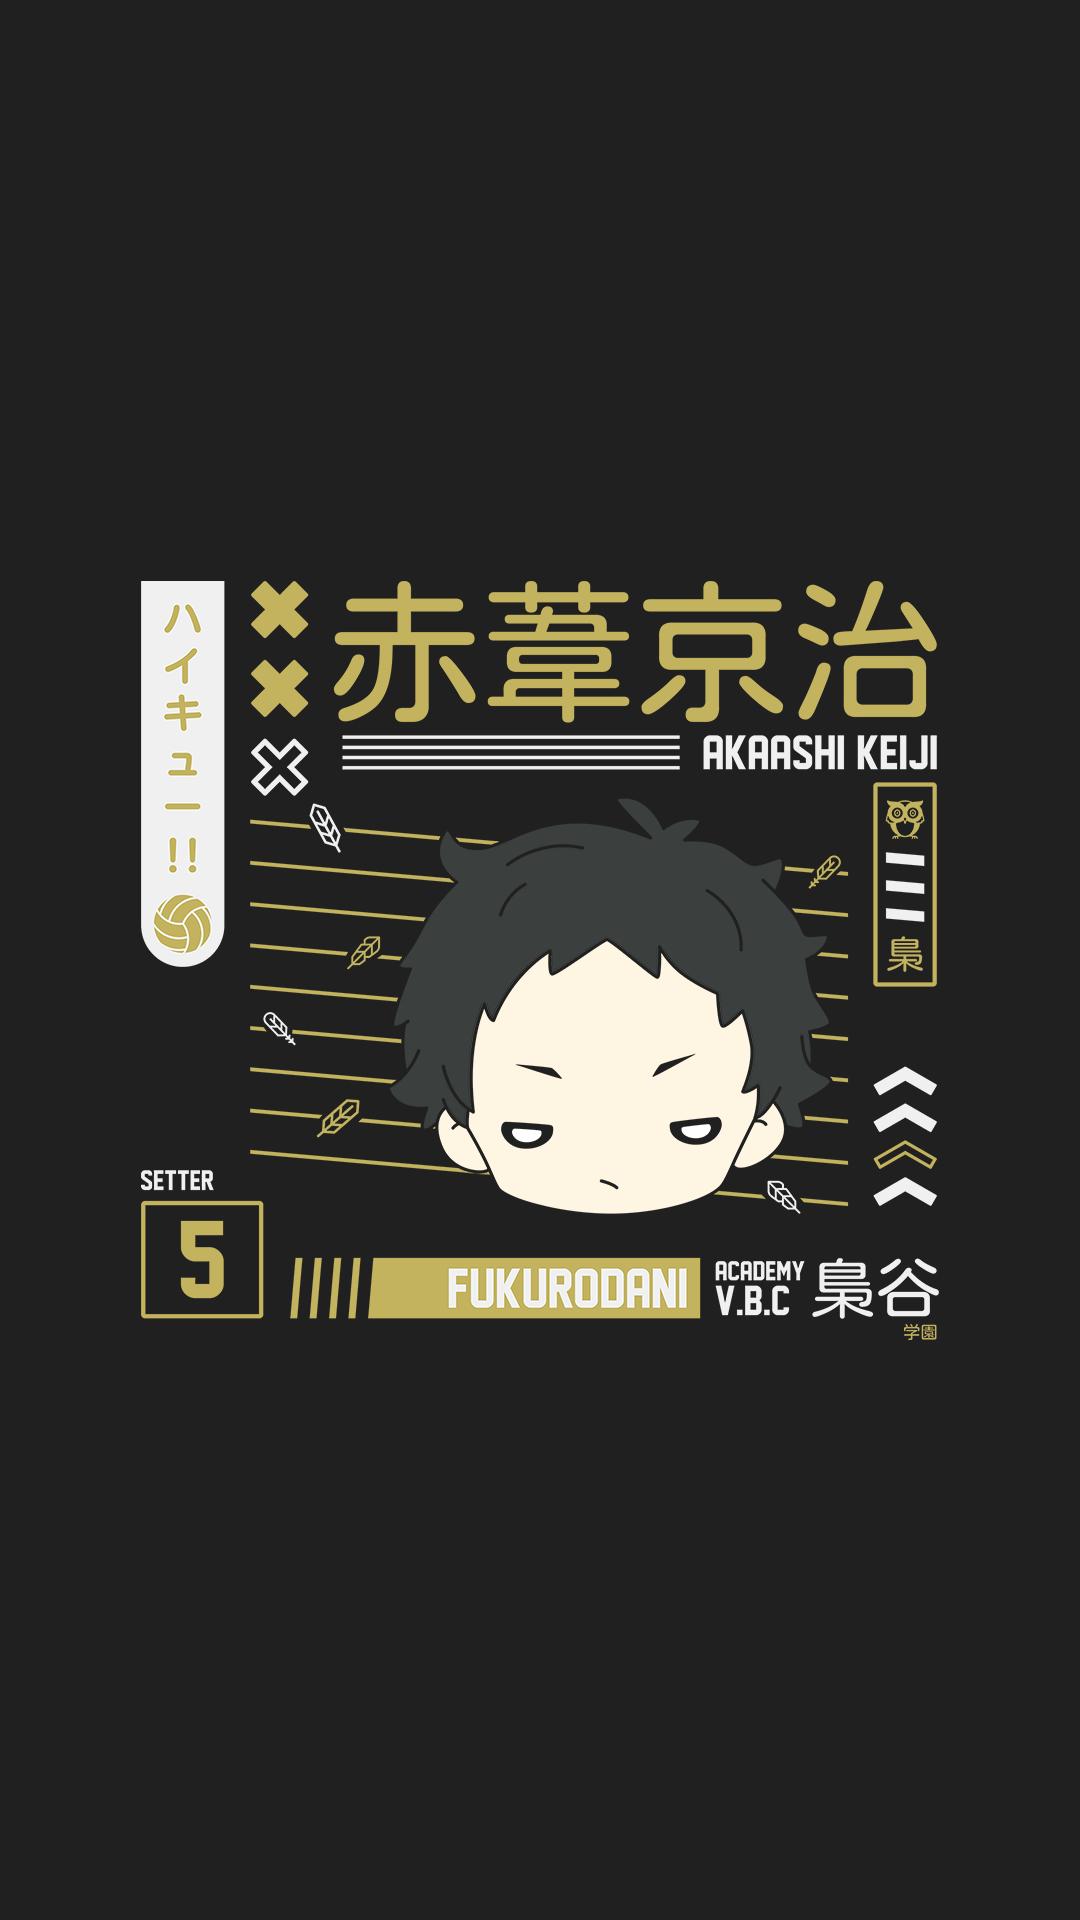 Akaashi Keiji Wallpaper - Fukurodani